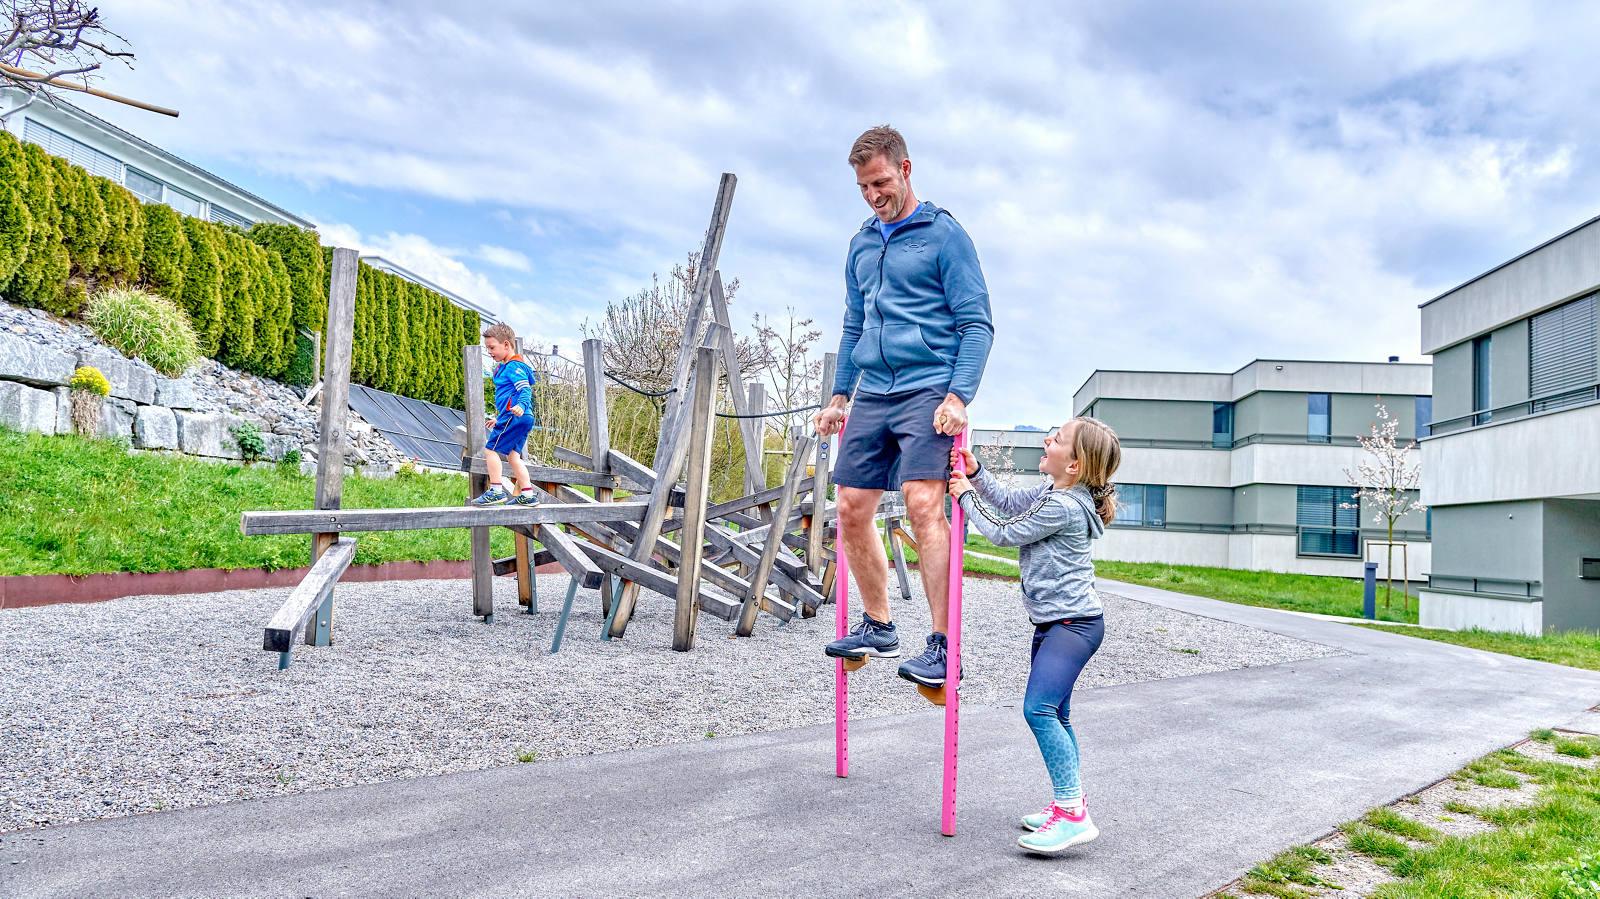 bewegungen-kindertage.jpeg